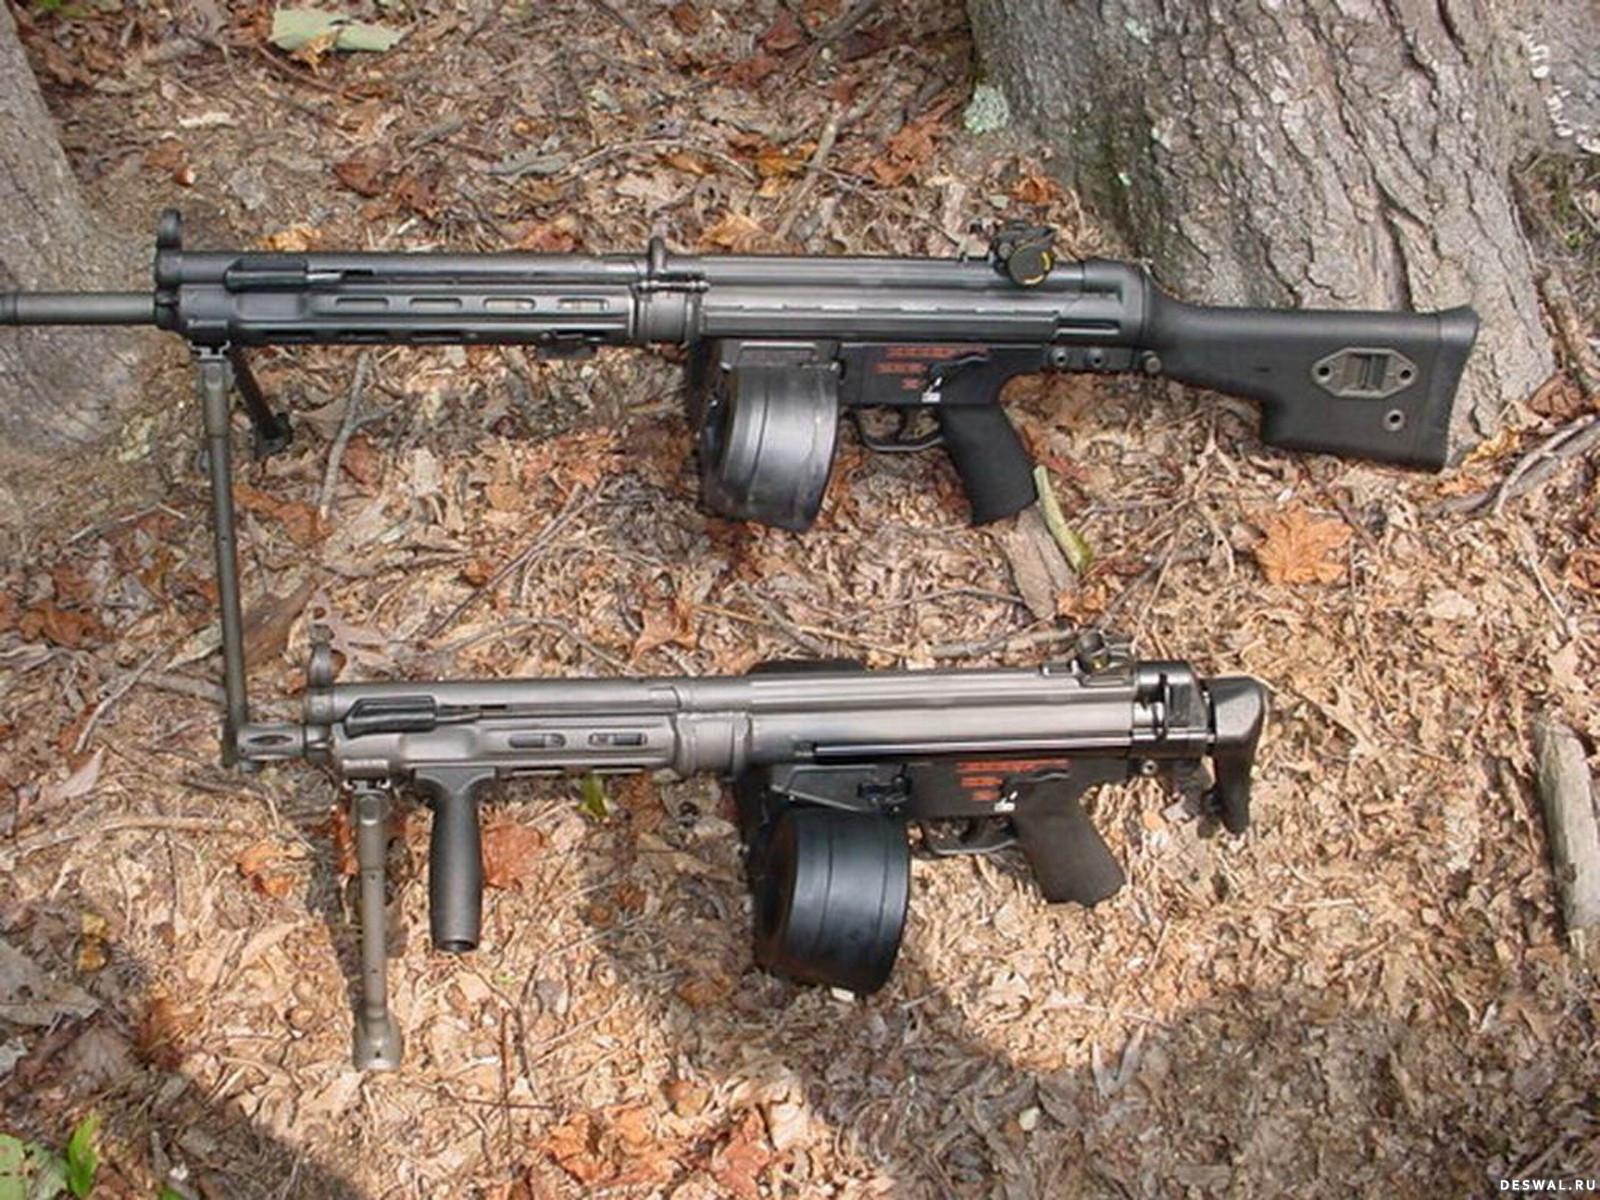 Фото 23. Нажмите на картинку с обоями оружия, чтобы просмотреть ее в реальном размере